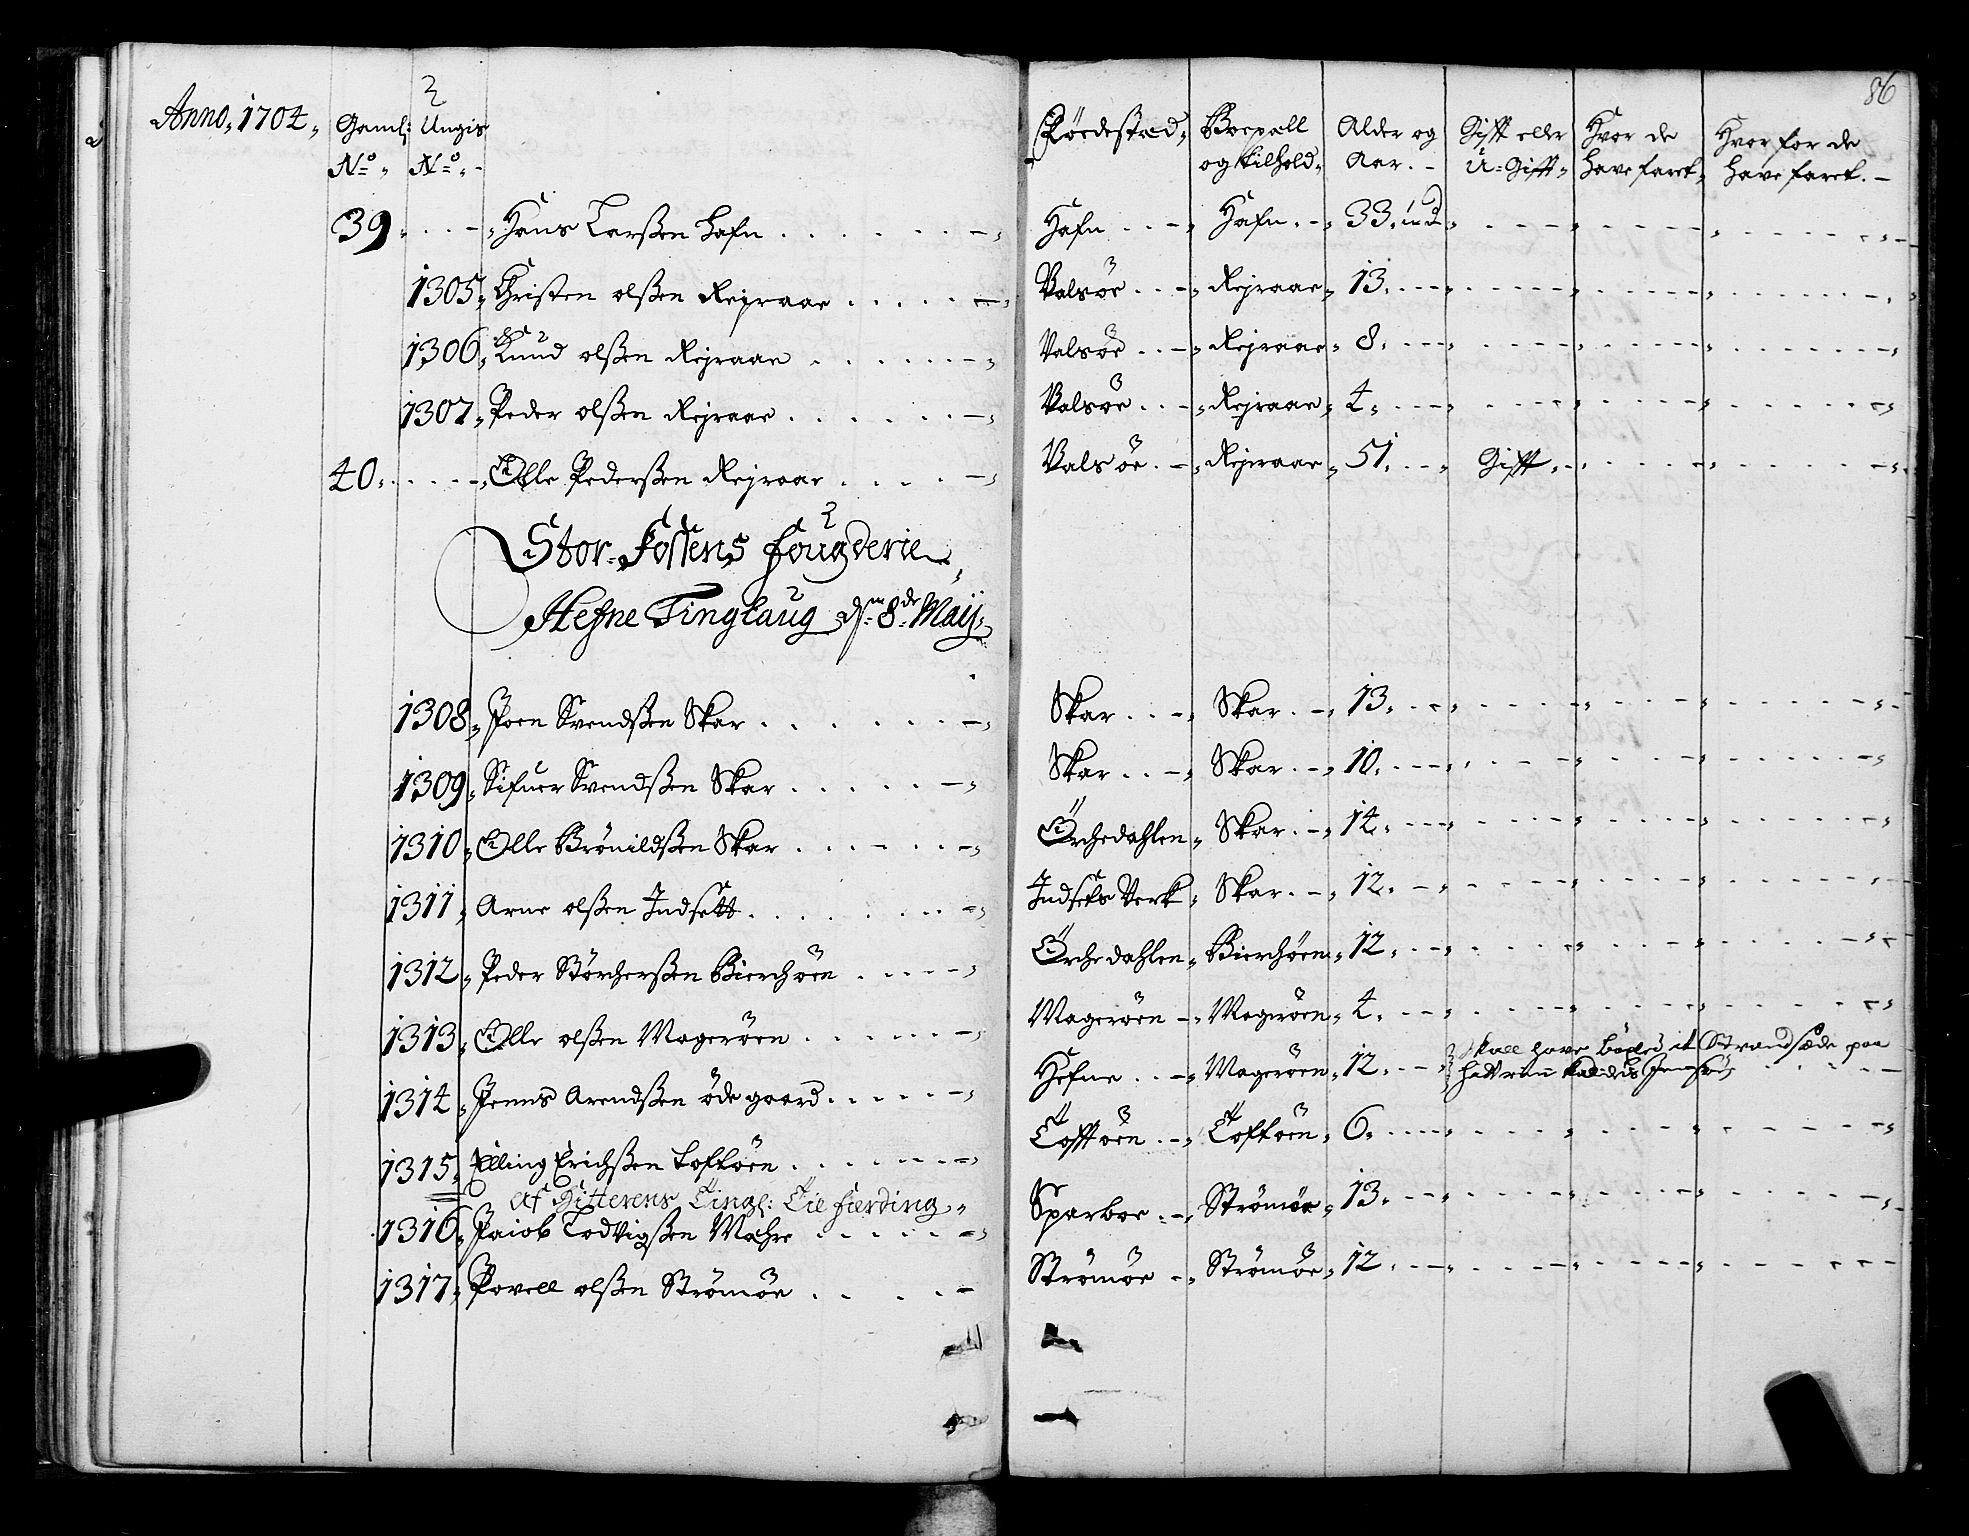 SAT, Sjøinnrulleringen - Trondhjemske distrikt, 01/L0004: Ruller over sjøfolk i Trondhjem by, 1704-1710, s. 86